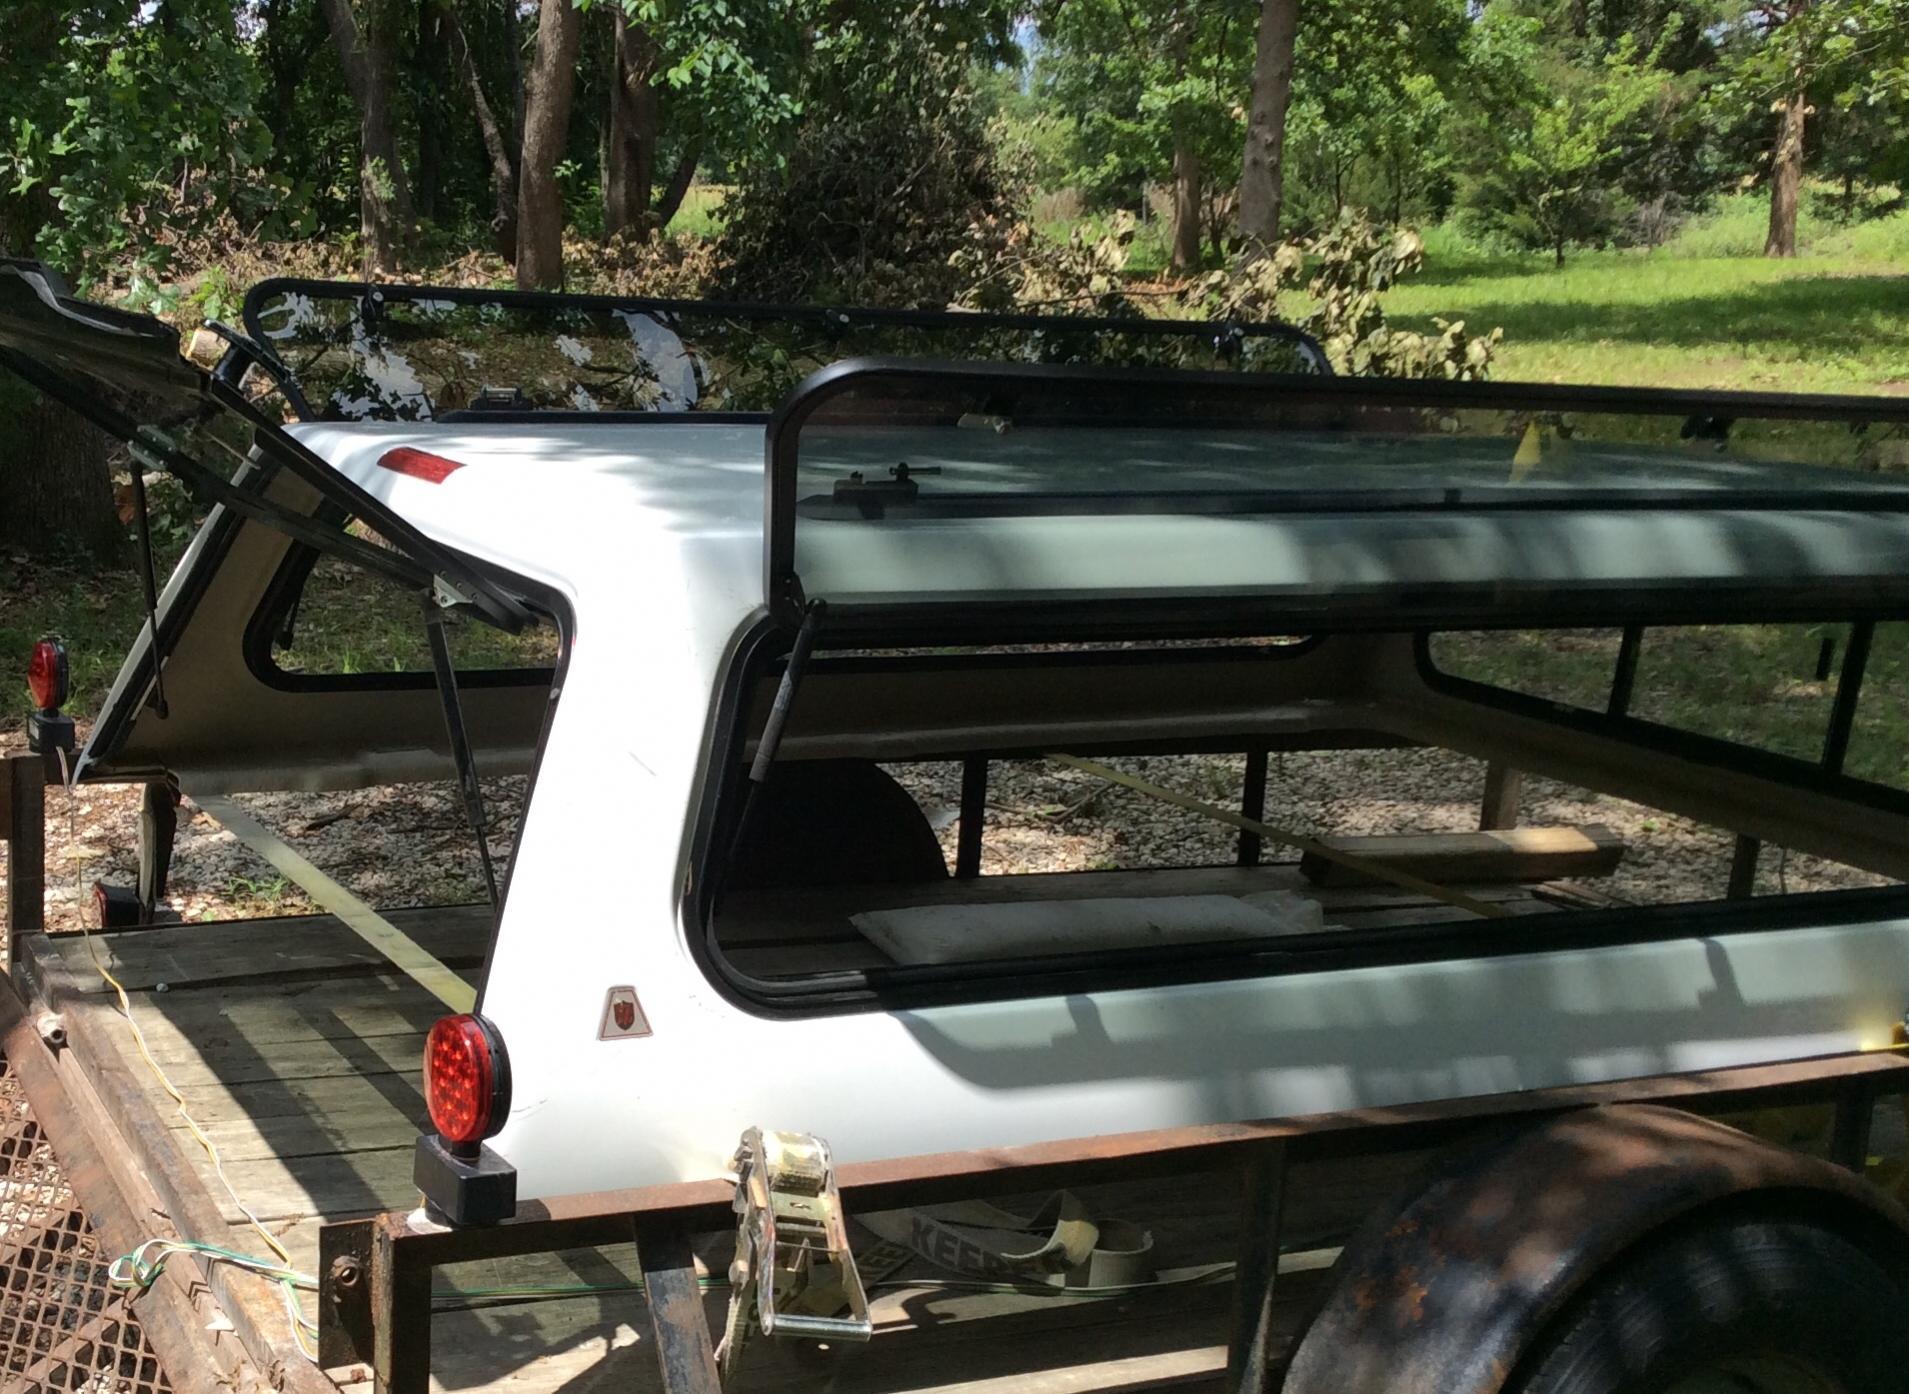 Century Topper for Titan 2008-2012 Long Bed-fdf80c60-995f-453a-abf6-7017a95de686.jpg